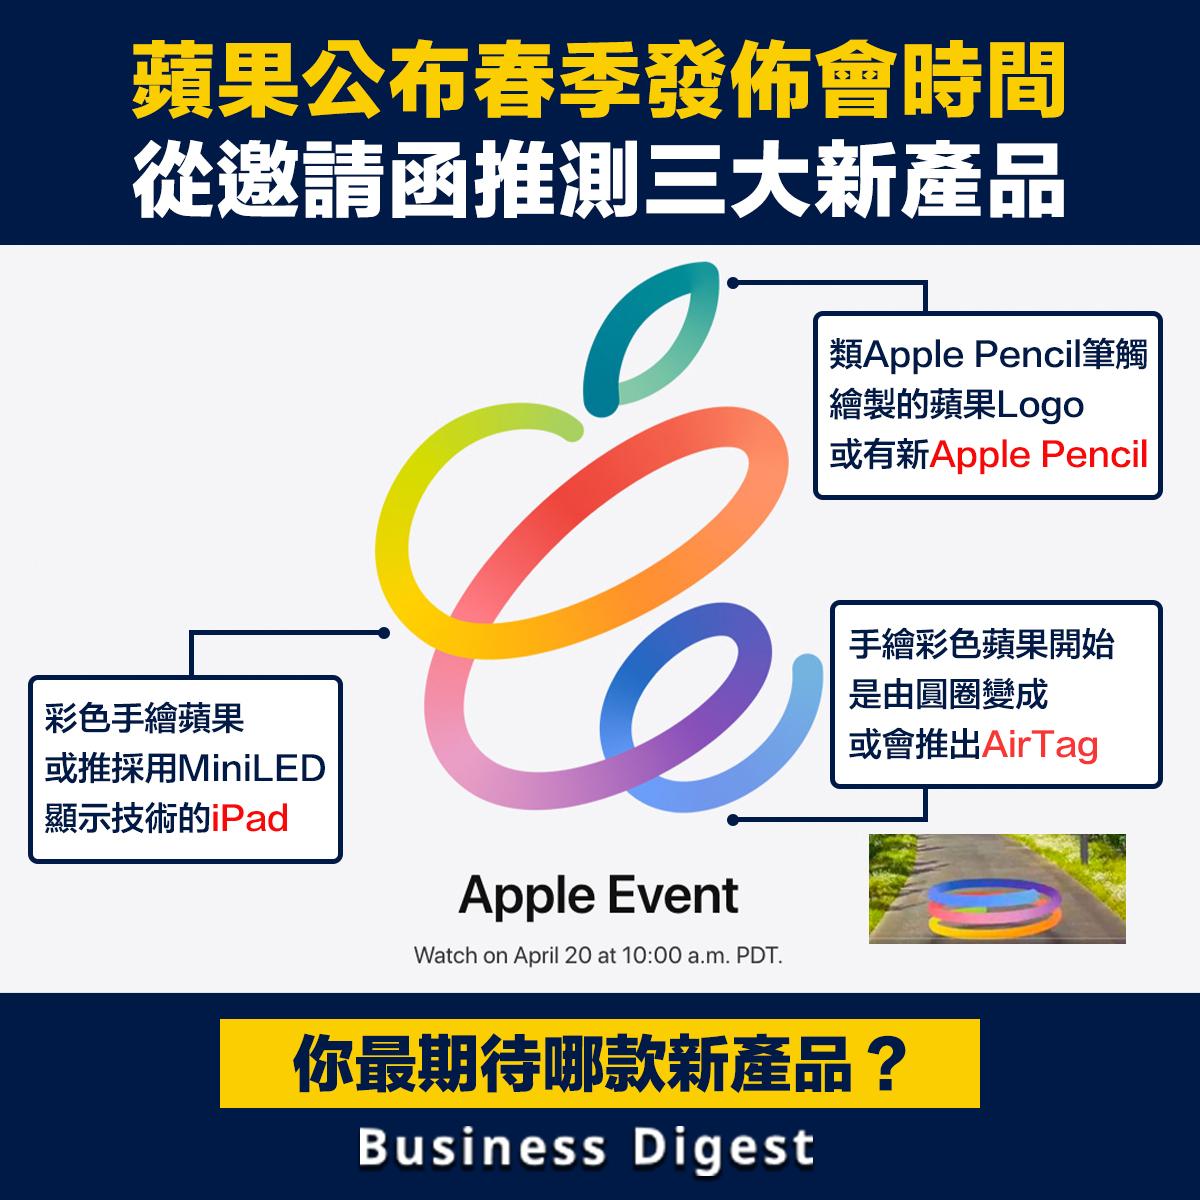 蘋果公布春季發佈會時間,從邀請函推測三大新產品